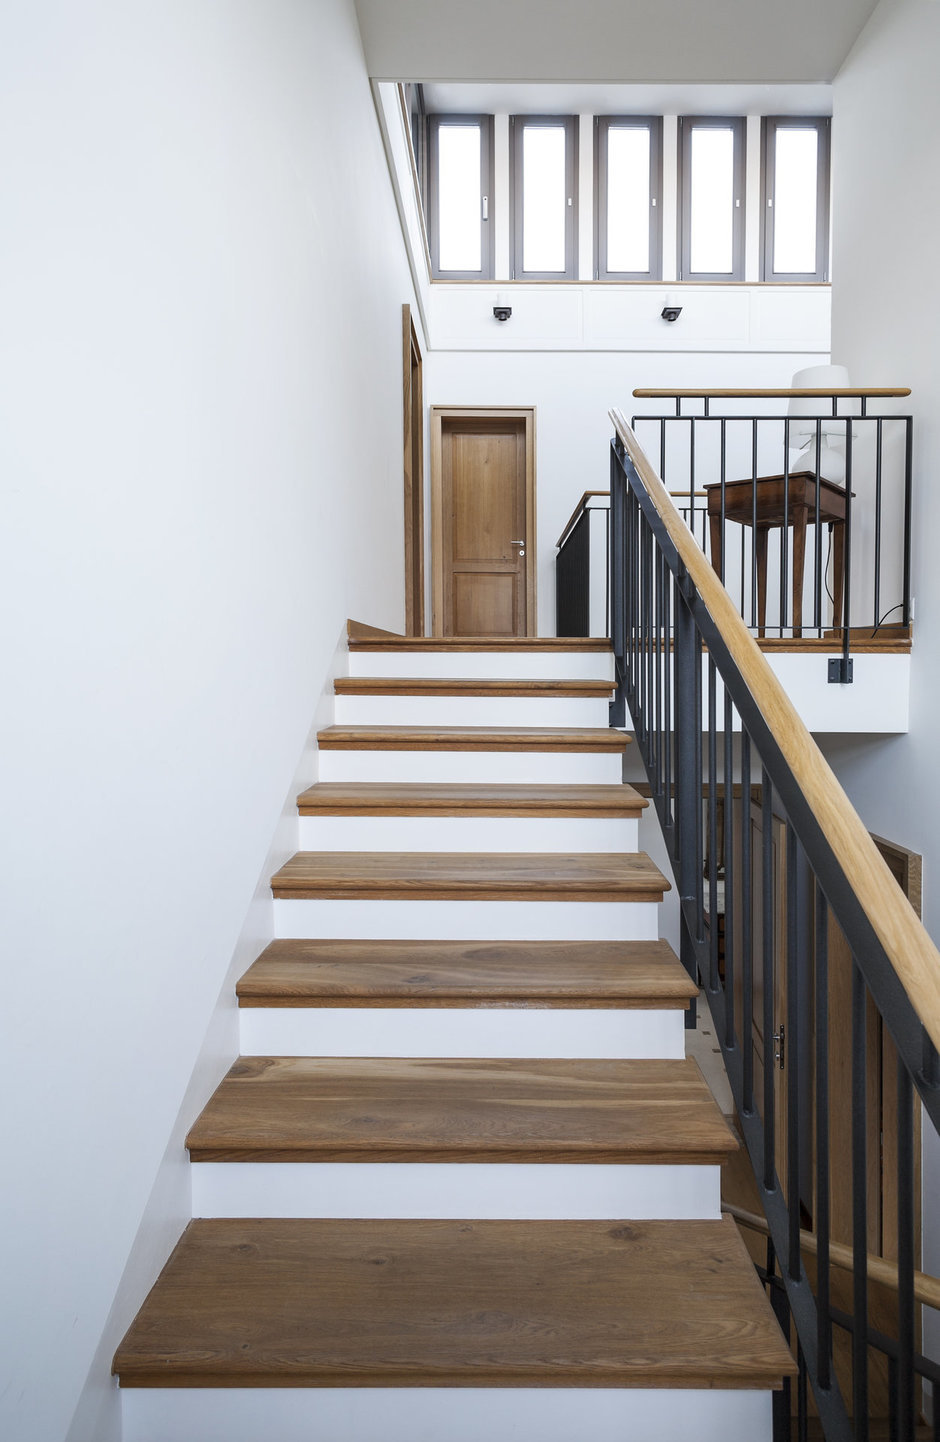 Фотография:  в стиле Современный, Декор интерьера, Дом, Декор дома, Лестница – фото на InMyRoom.ru